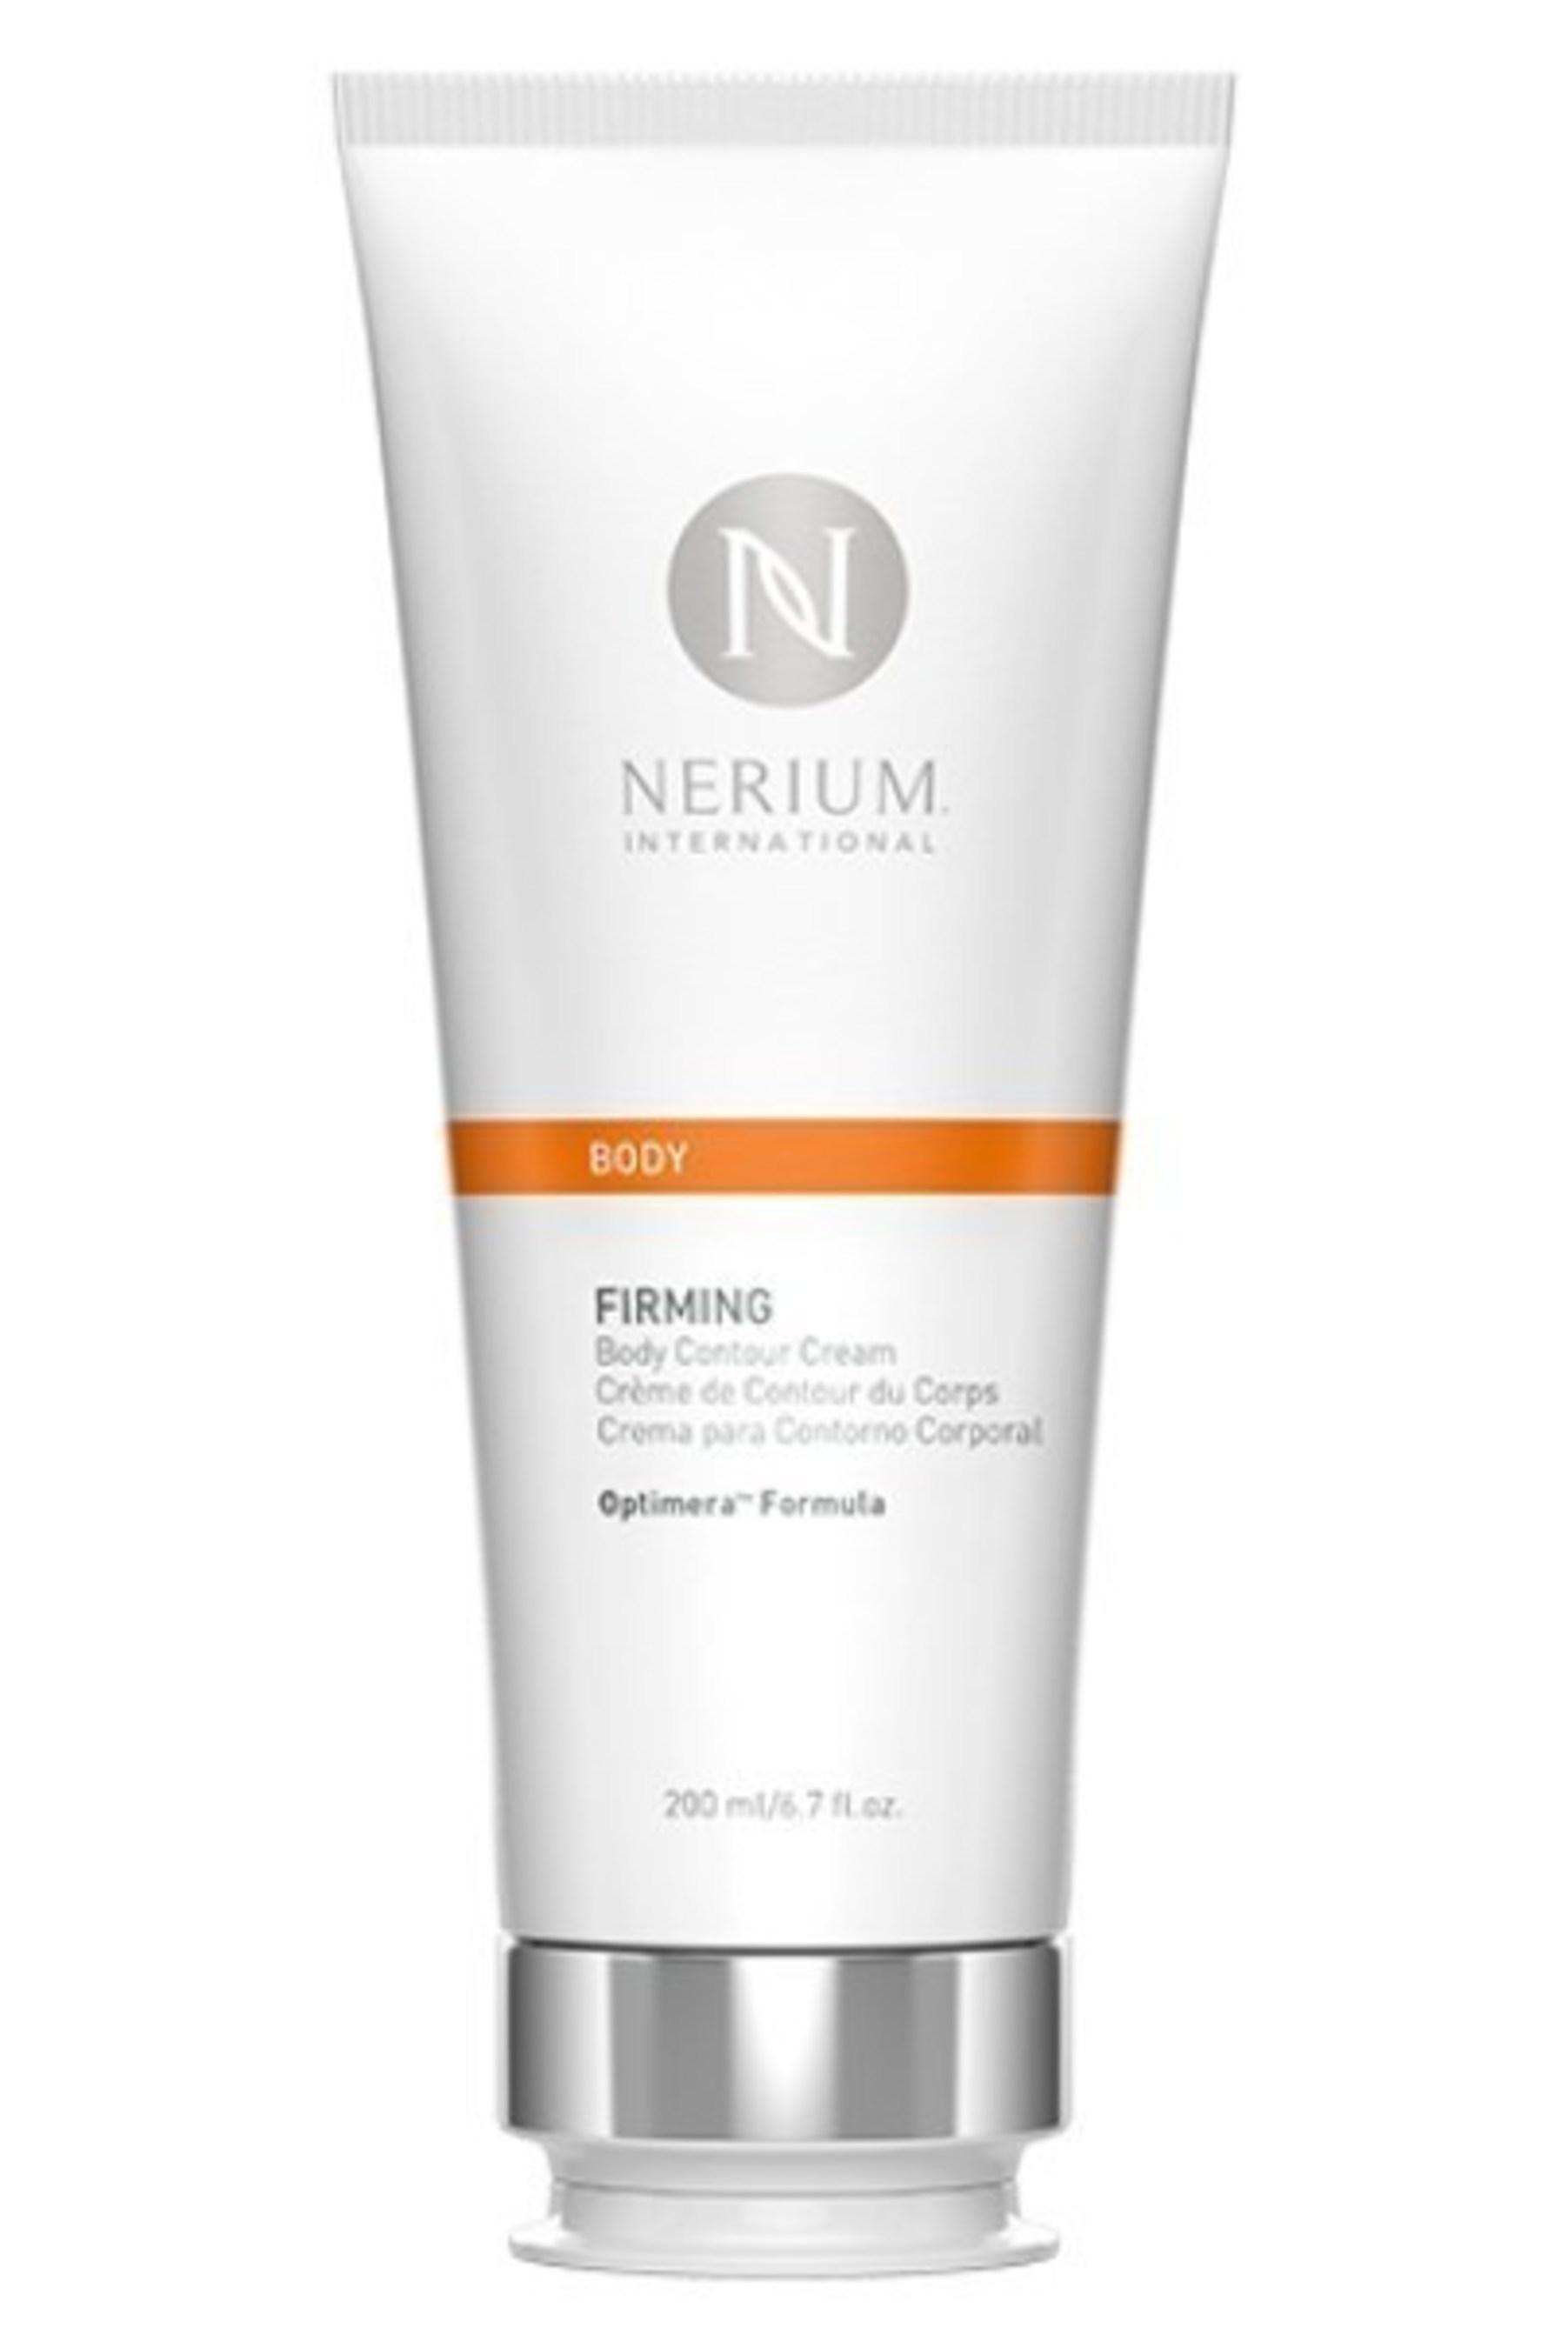 Nerium International ofrece innovación anti-edad para todo el cuerpo ...